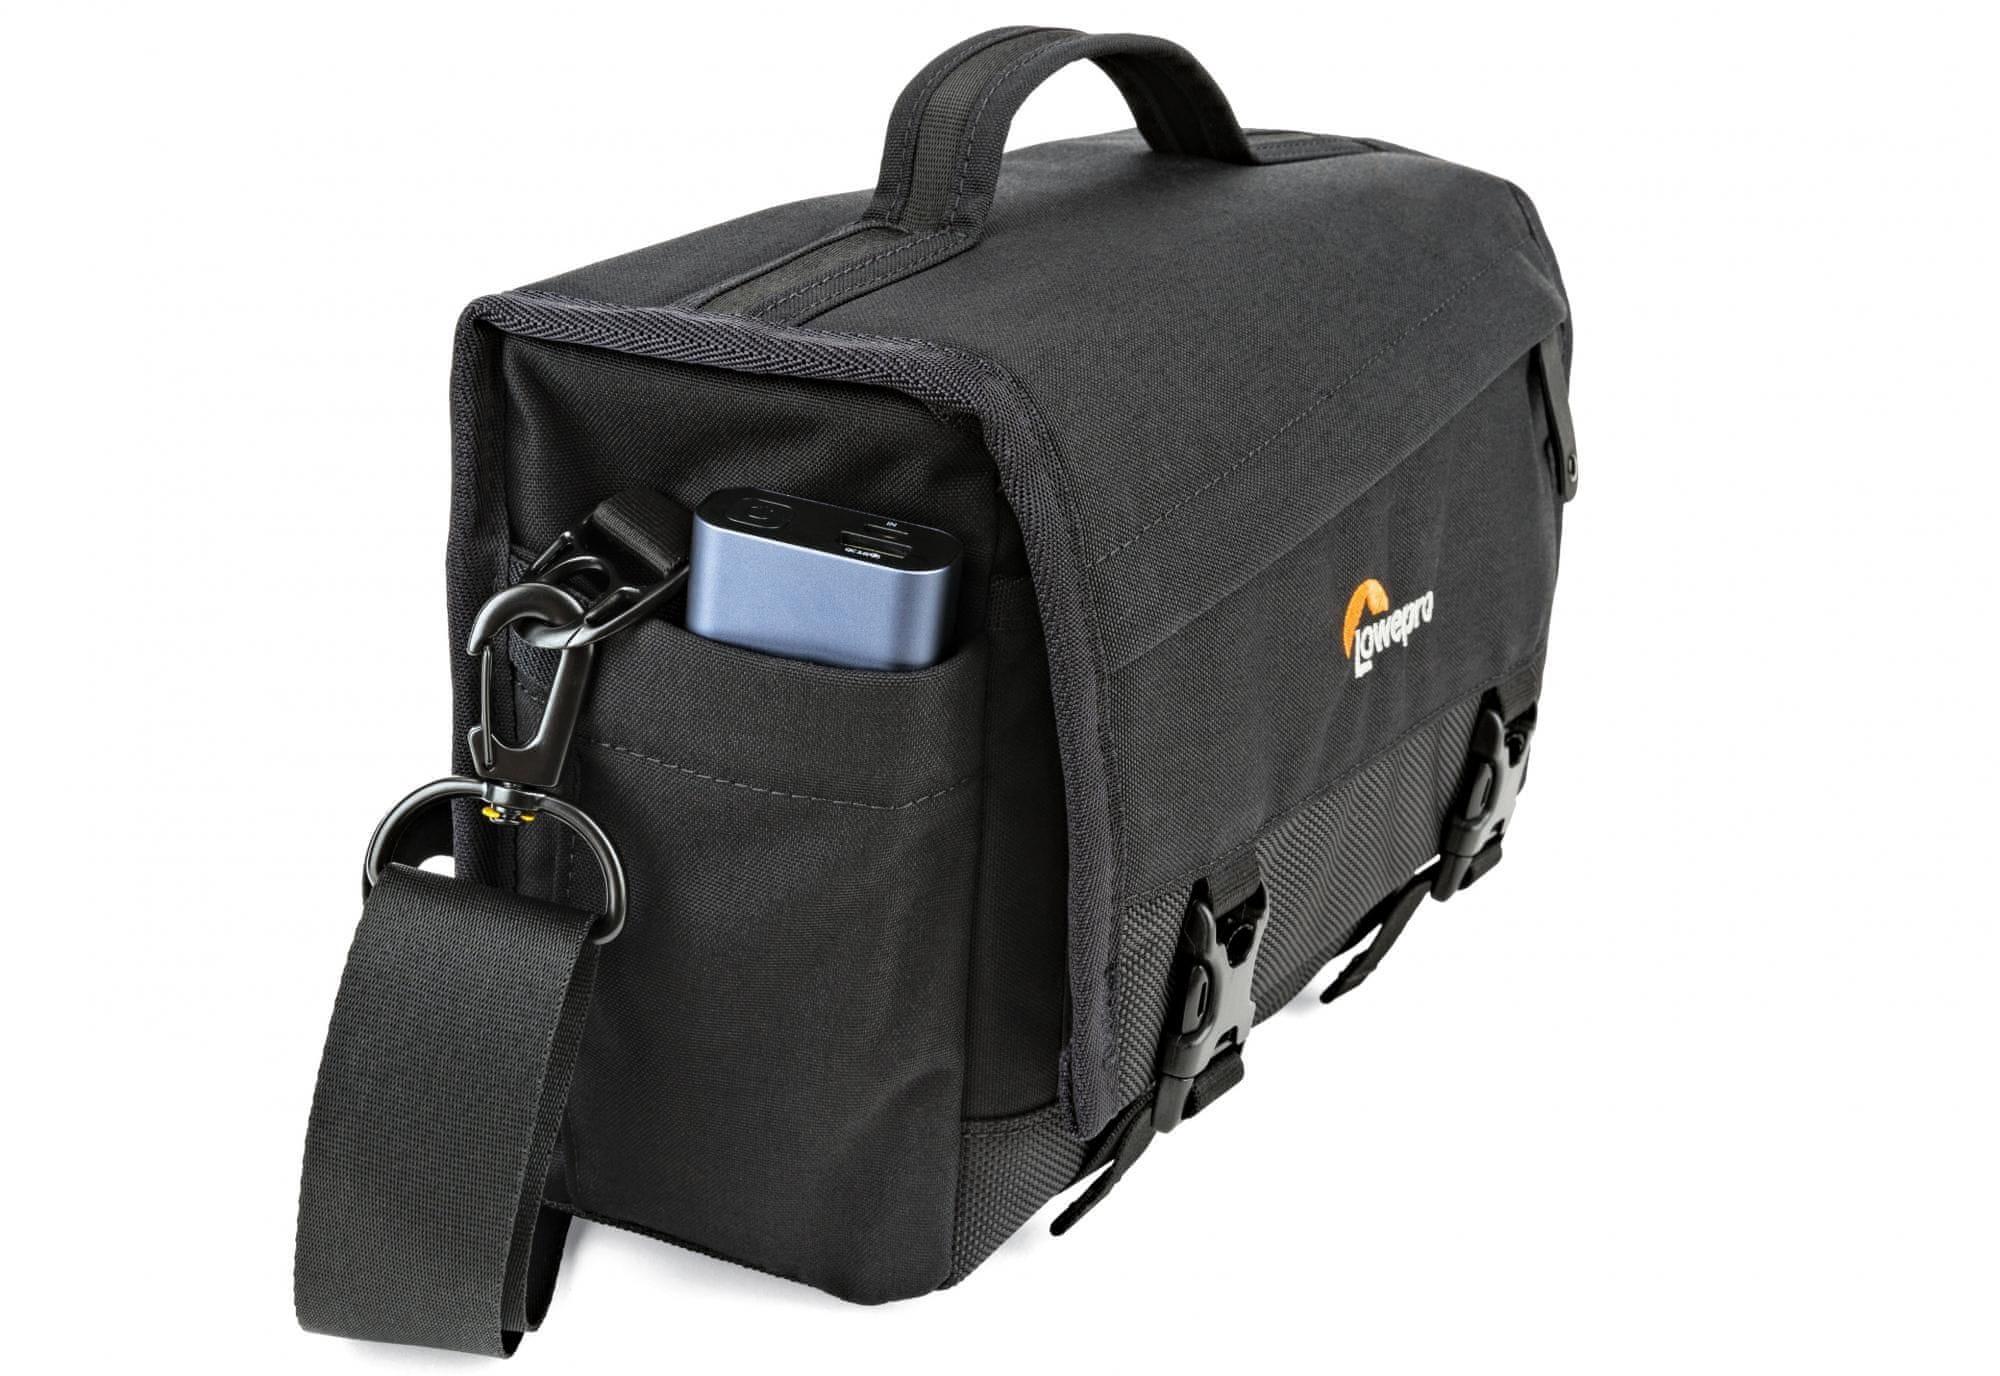 fotobrašna Lowepro M-Trekker SH 150 black E61PLW37161 odnímatelný popruh přes rameno